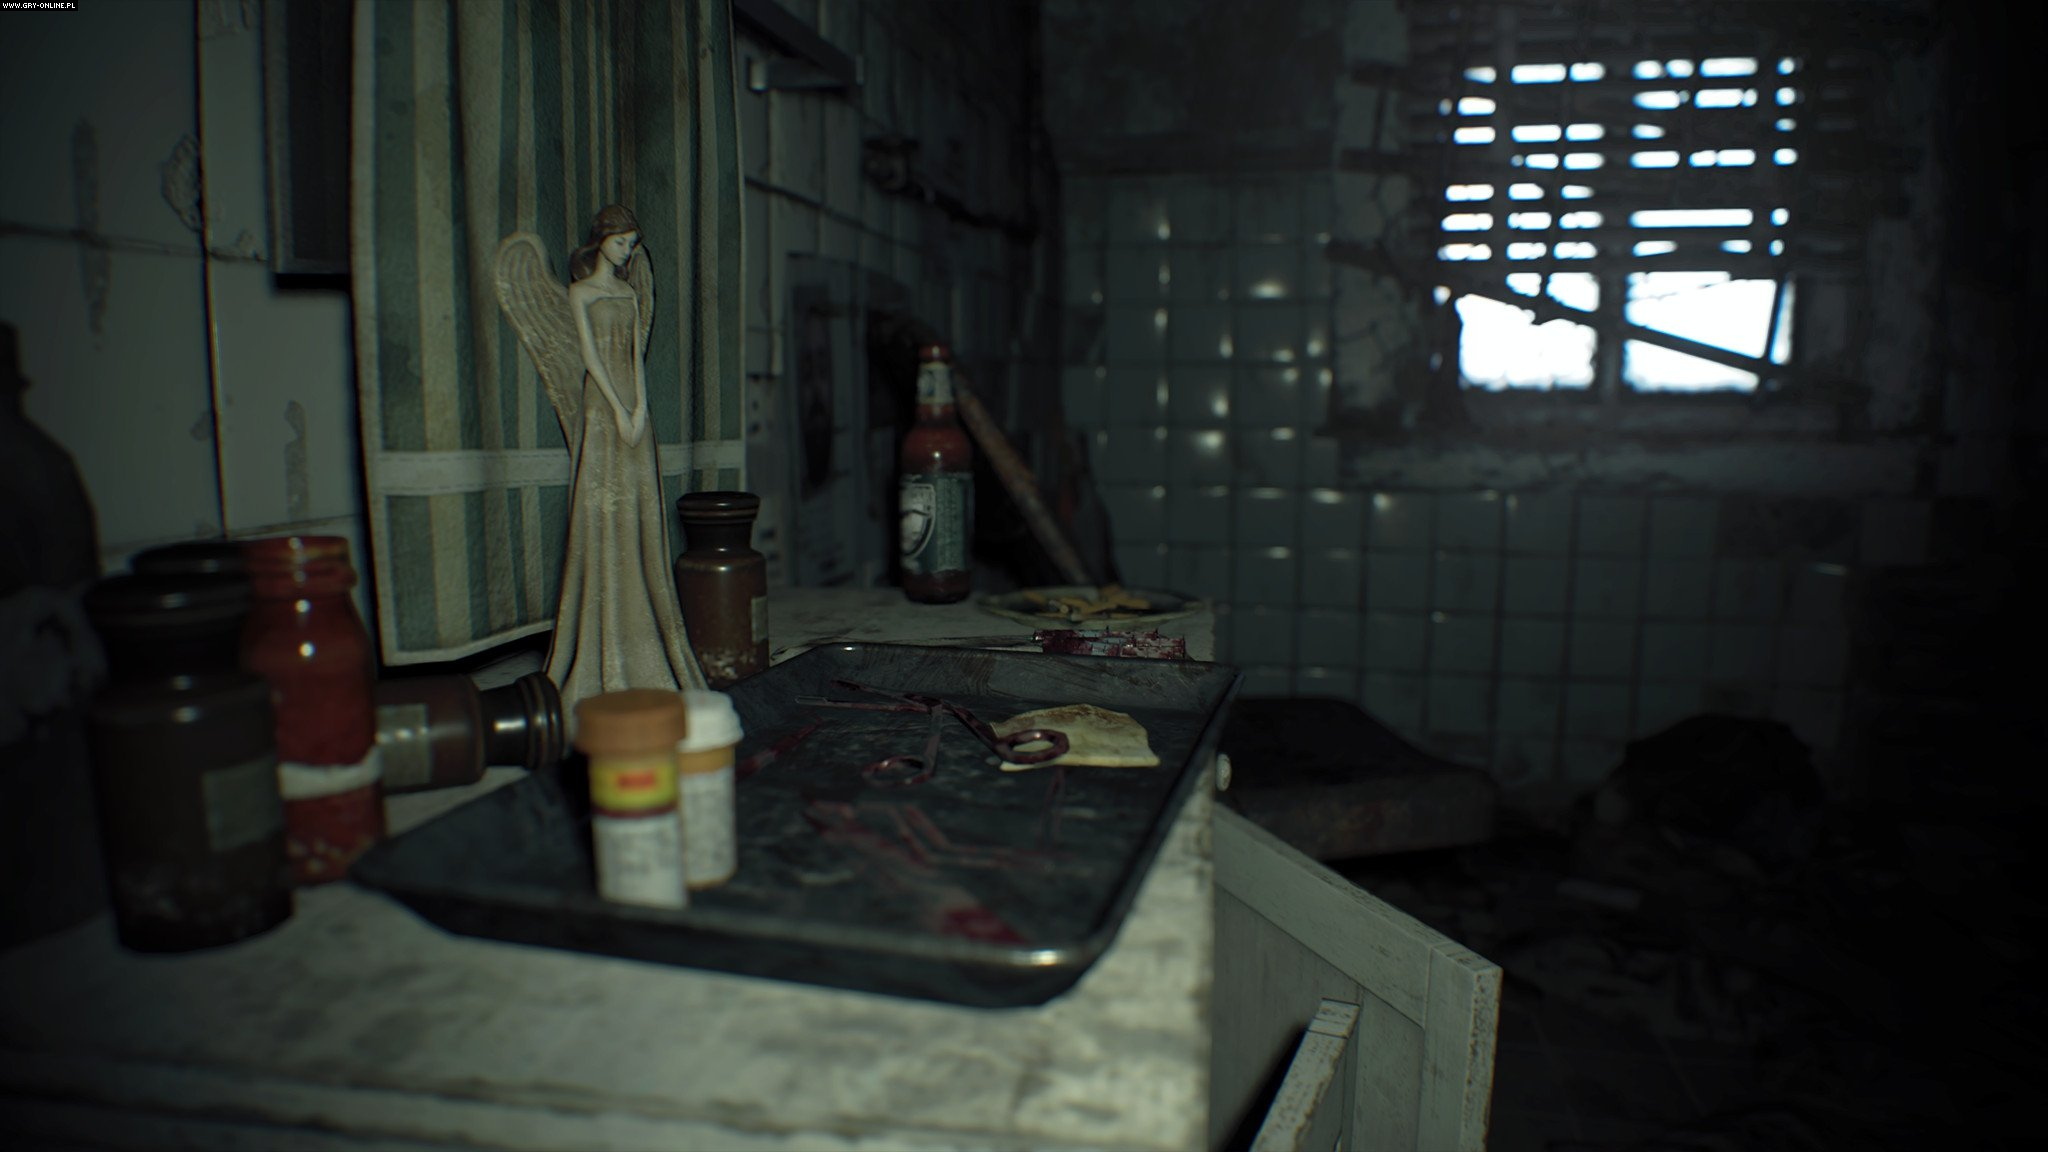 Resident Evil VII: Biohazard PC, PS4, XONE Games Image 32/87, Capcom